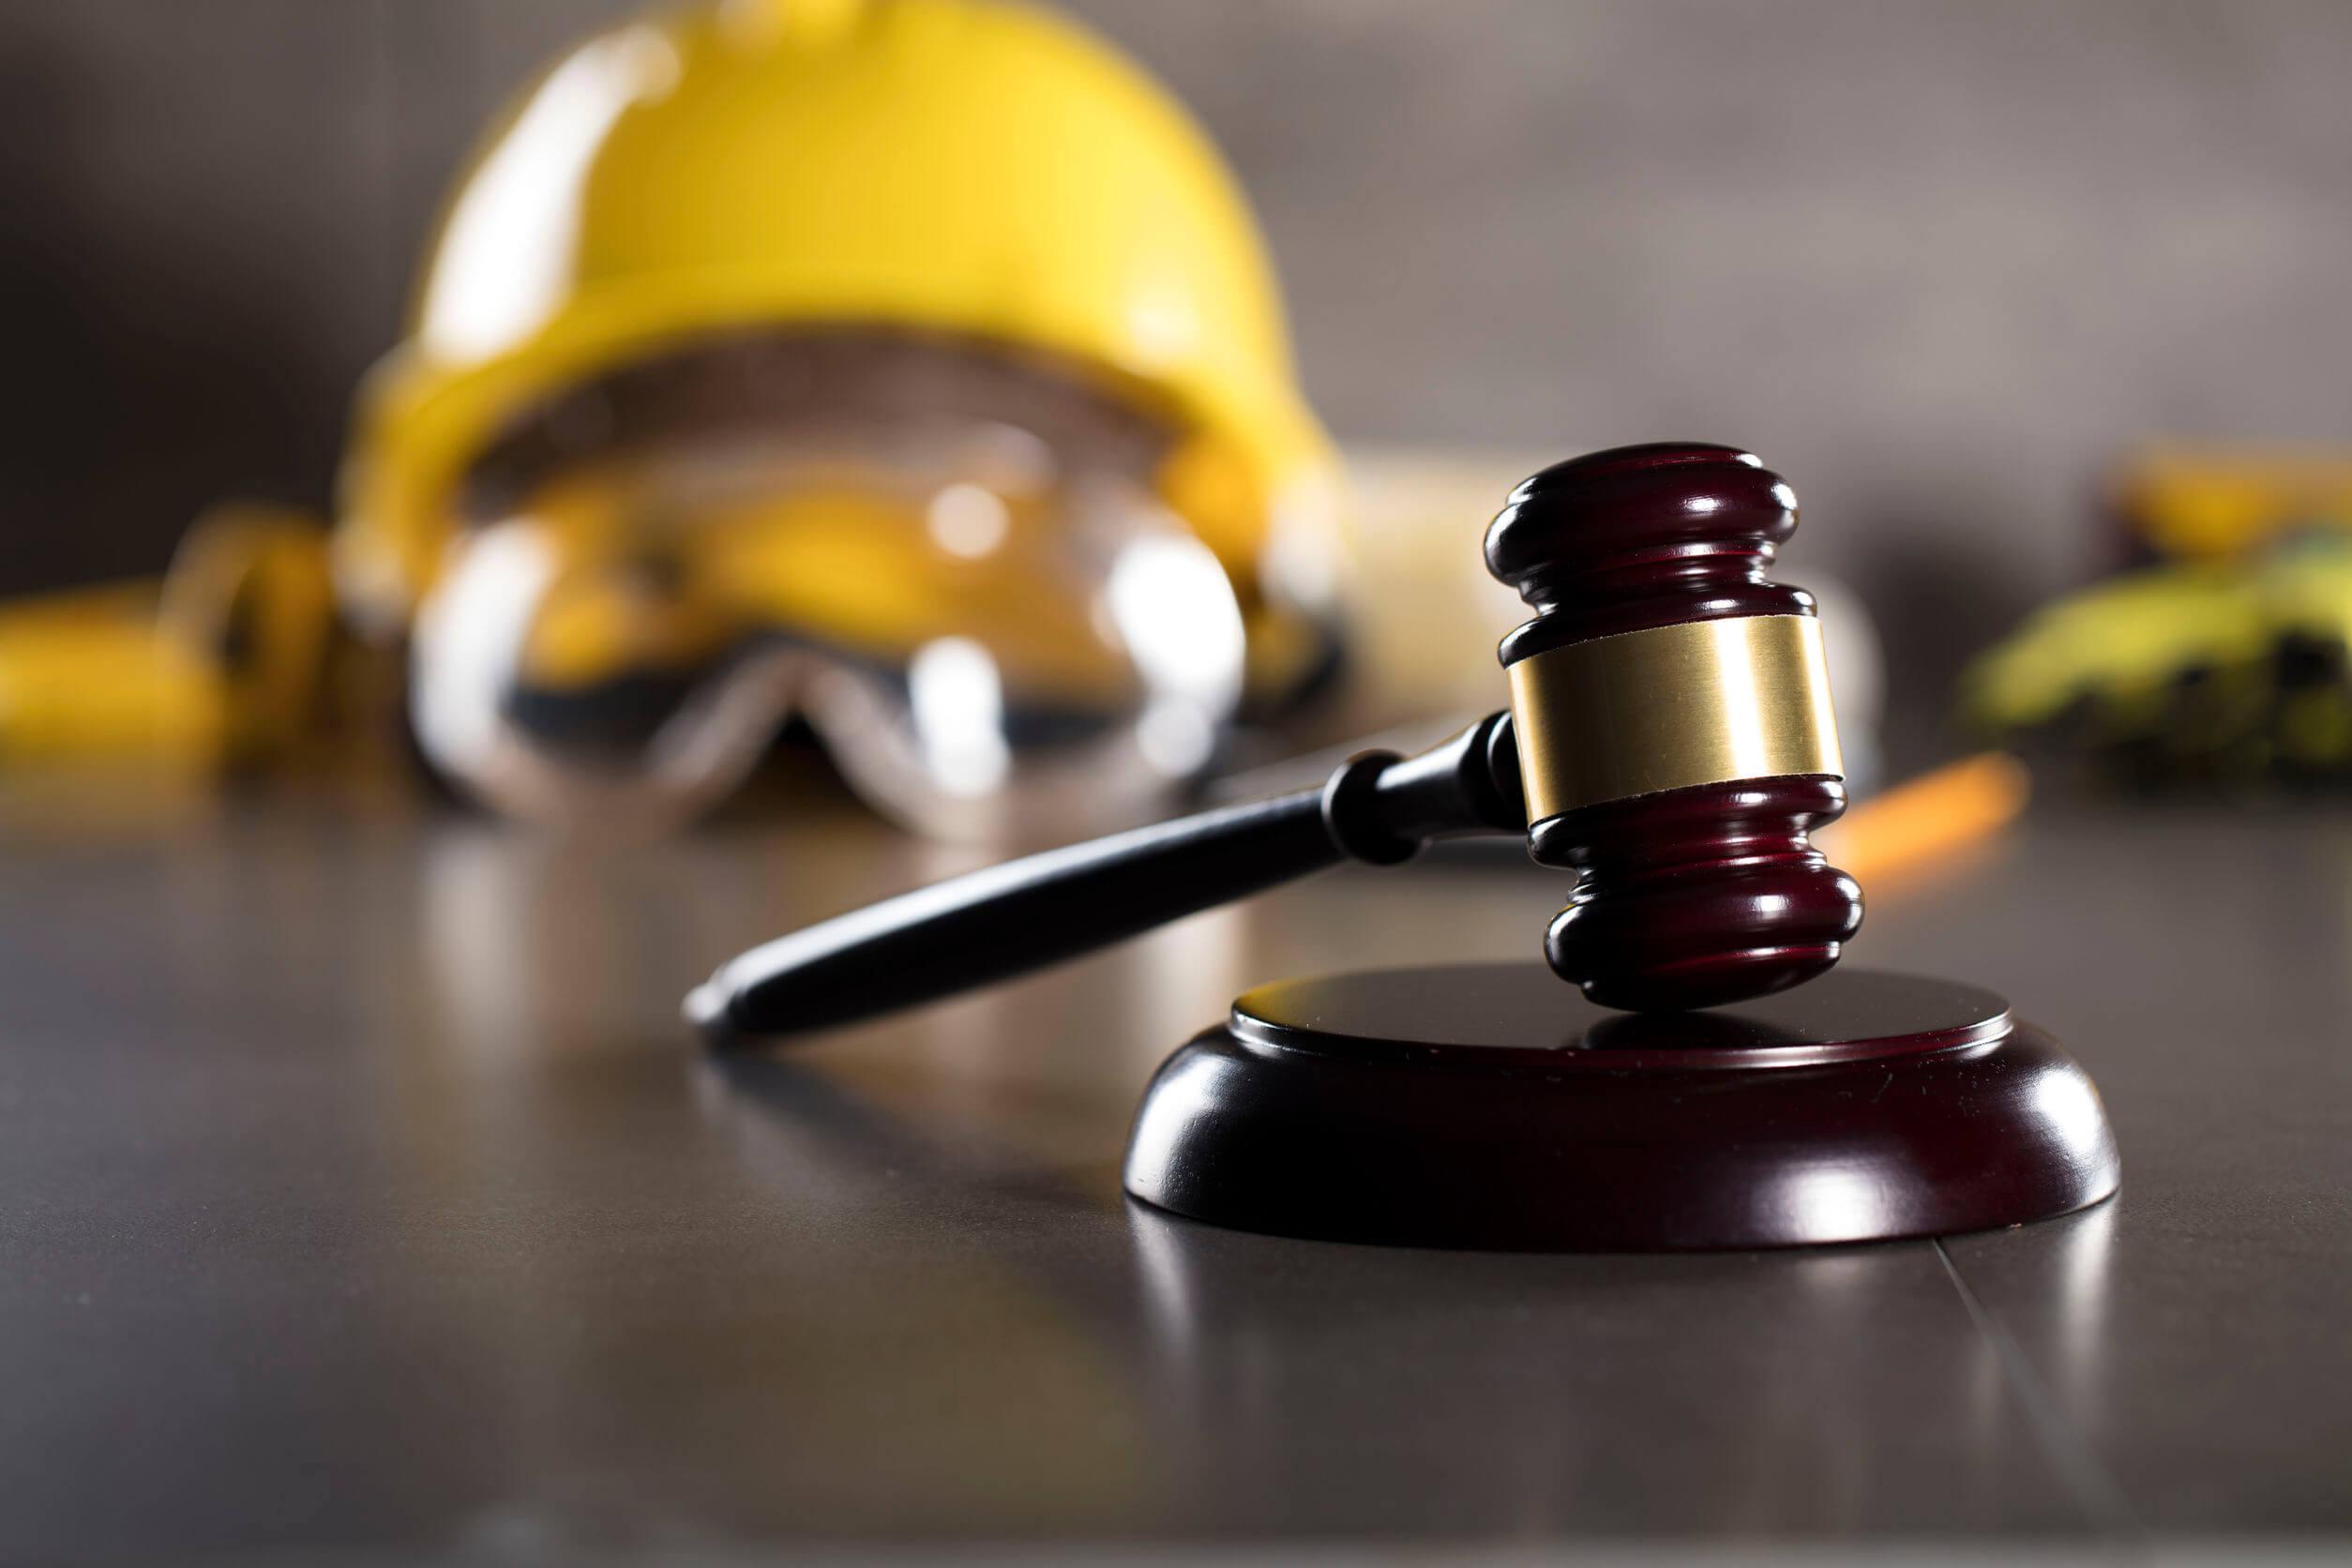 Dreptul muncii – poate angajatorul să mă oblige să mă testez sau să îmi restricționeze accesul la locul de muncă?